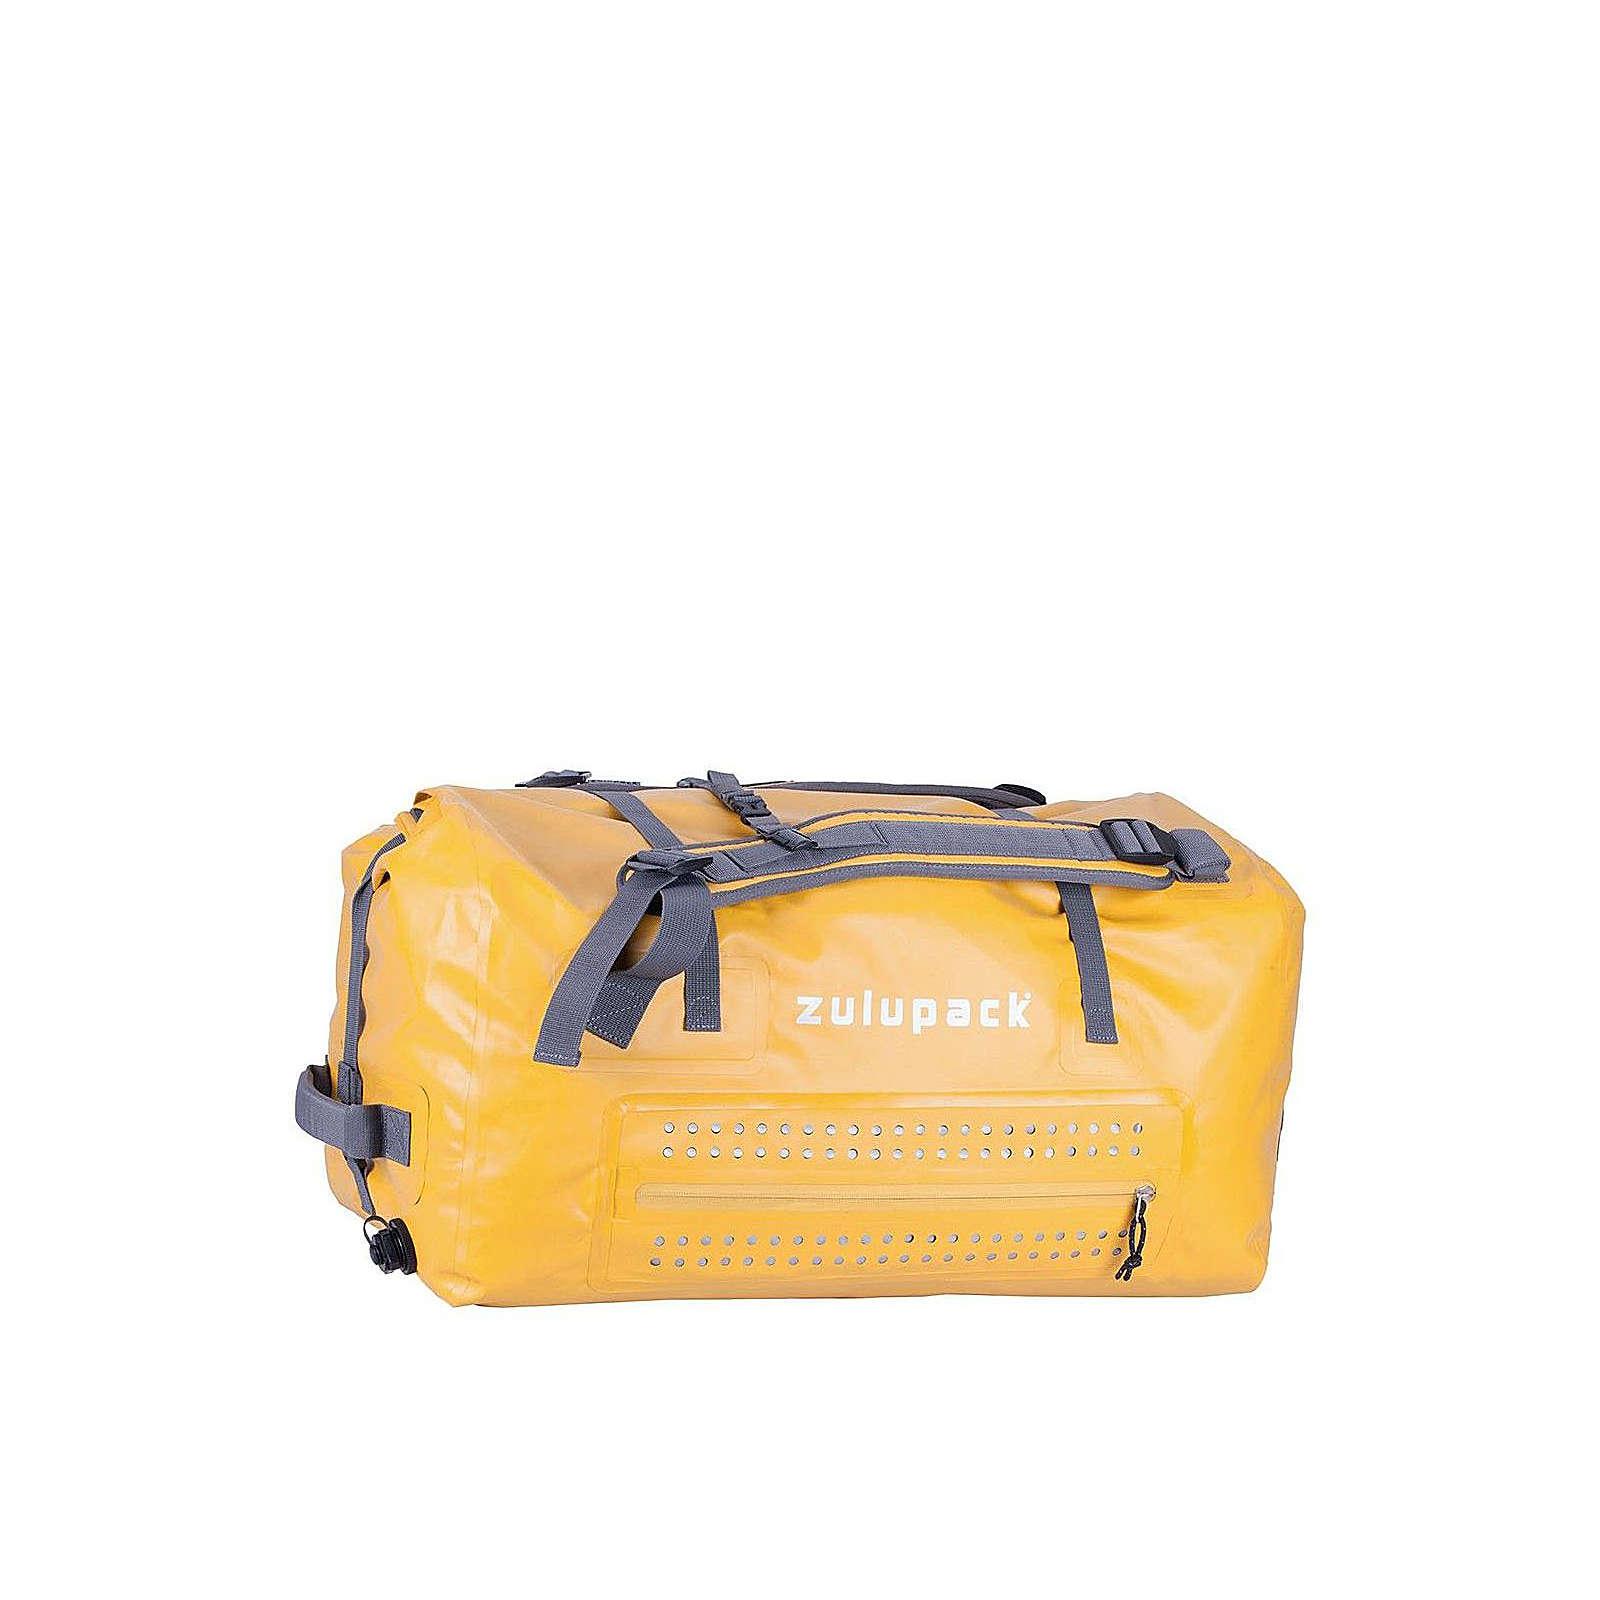 Zulupack Borneo Reisetasche 85 L waterproof 70 cm Reisetaschen gelb